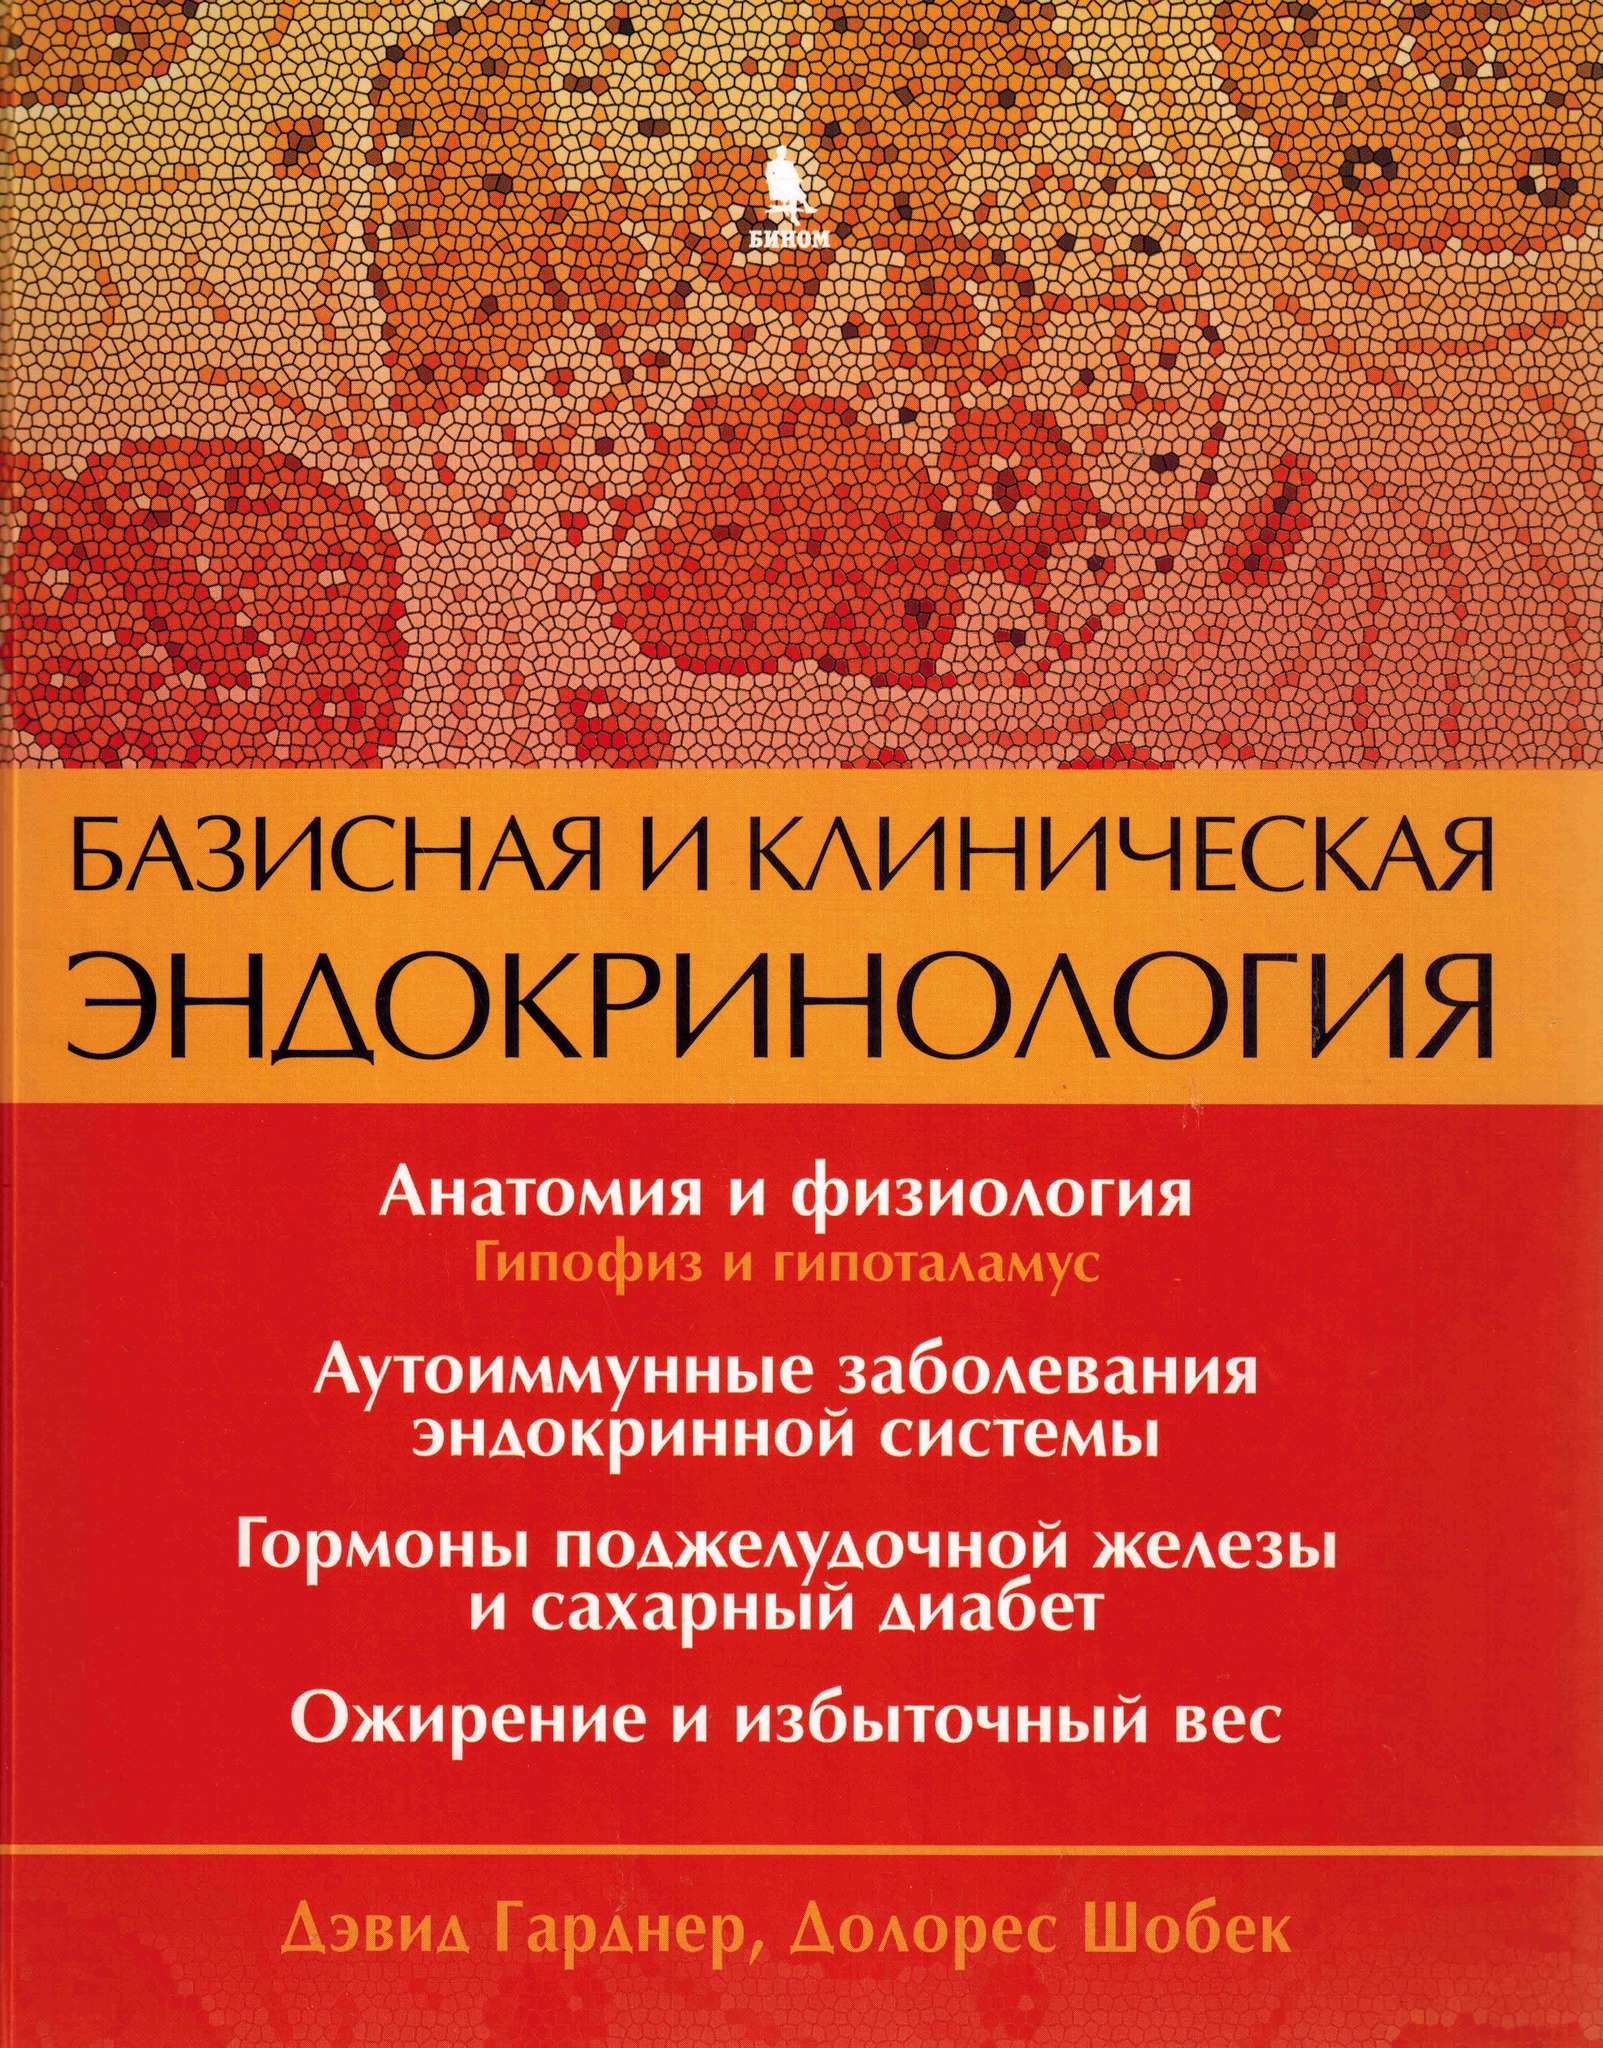 Книги по эндокринологии Базисная и клиническая эндокринология. Книга 1 baz_endokrin_kn1.jpg